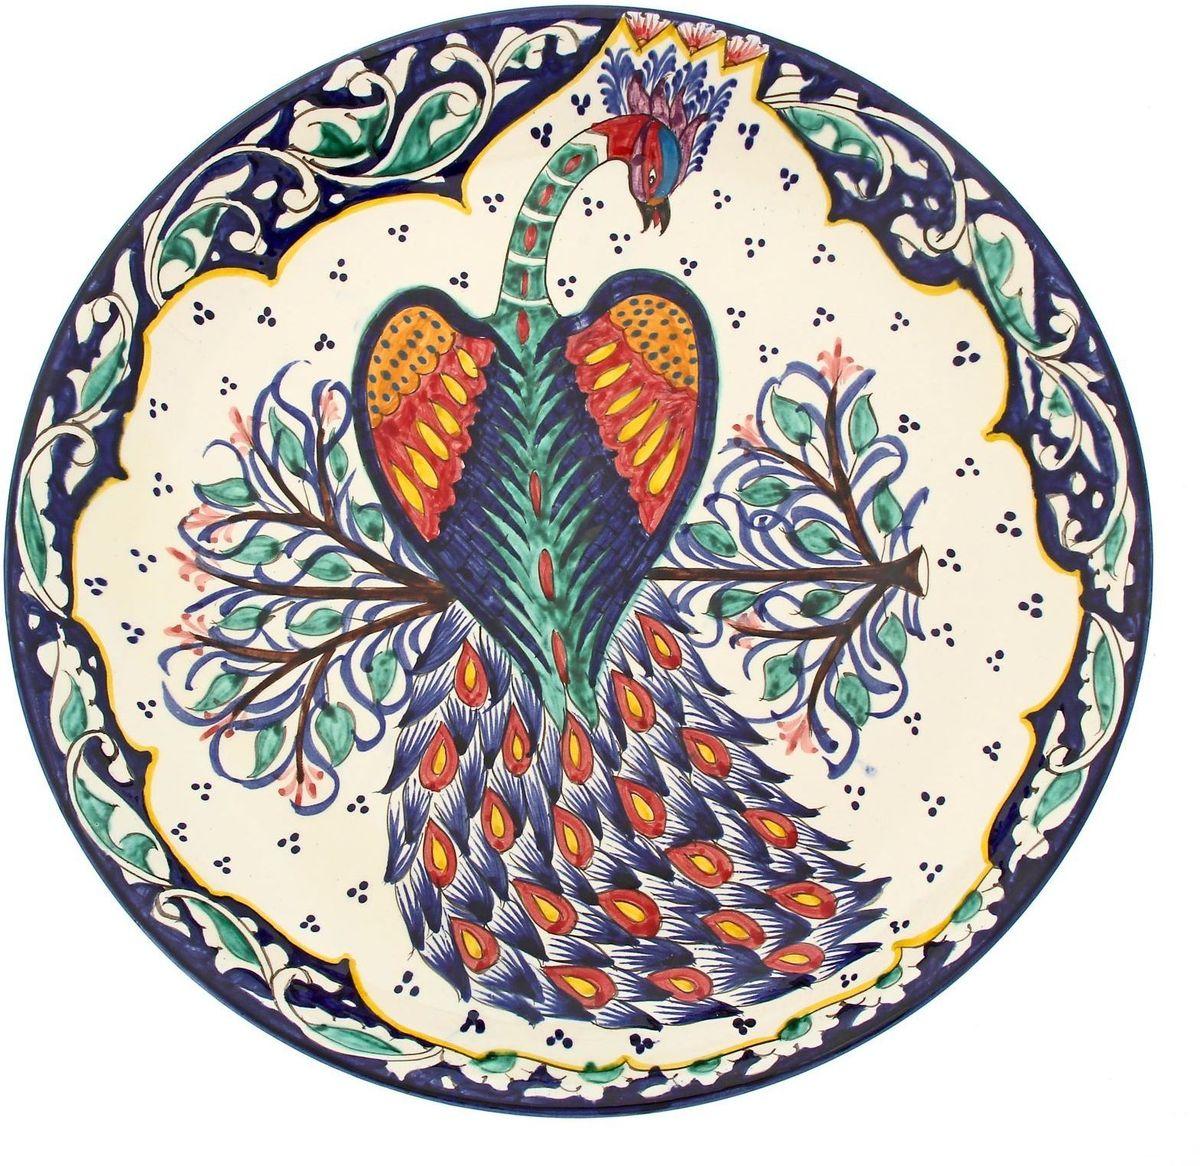 """Ляган Риштанская керамика """"Павлин"""" — это не просто обеденный атрибут, это украшение стола. Посуда с национальной росписью станет отменным подарком для ценителей высокородной посуды. Риштан — город на востоке Узбекистана, один из древнейших в Ферганской долине. С давних времен Риштан славится своим гончарным искусством изготовления цветной керамики. Красноватую глину для изделия добывают в самом городе. Мастера утверждают, что их глина настолько высокого качества, что даже не нуждается в предварительной обработке. Дополните коллекцию кухонных аксессуаров пряными восточными нотами."""